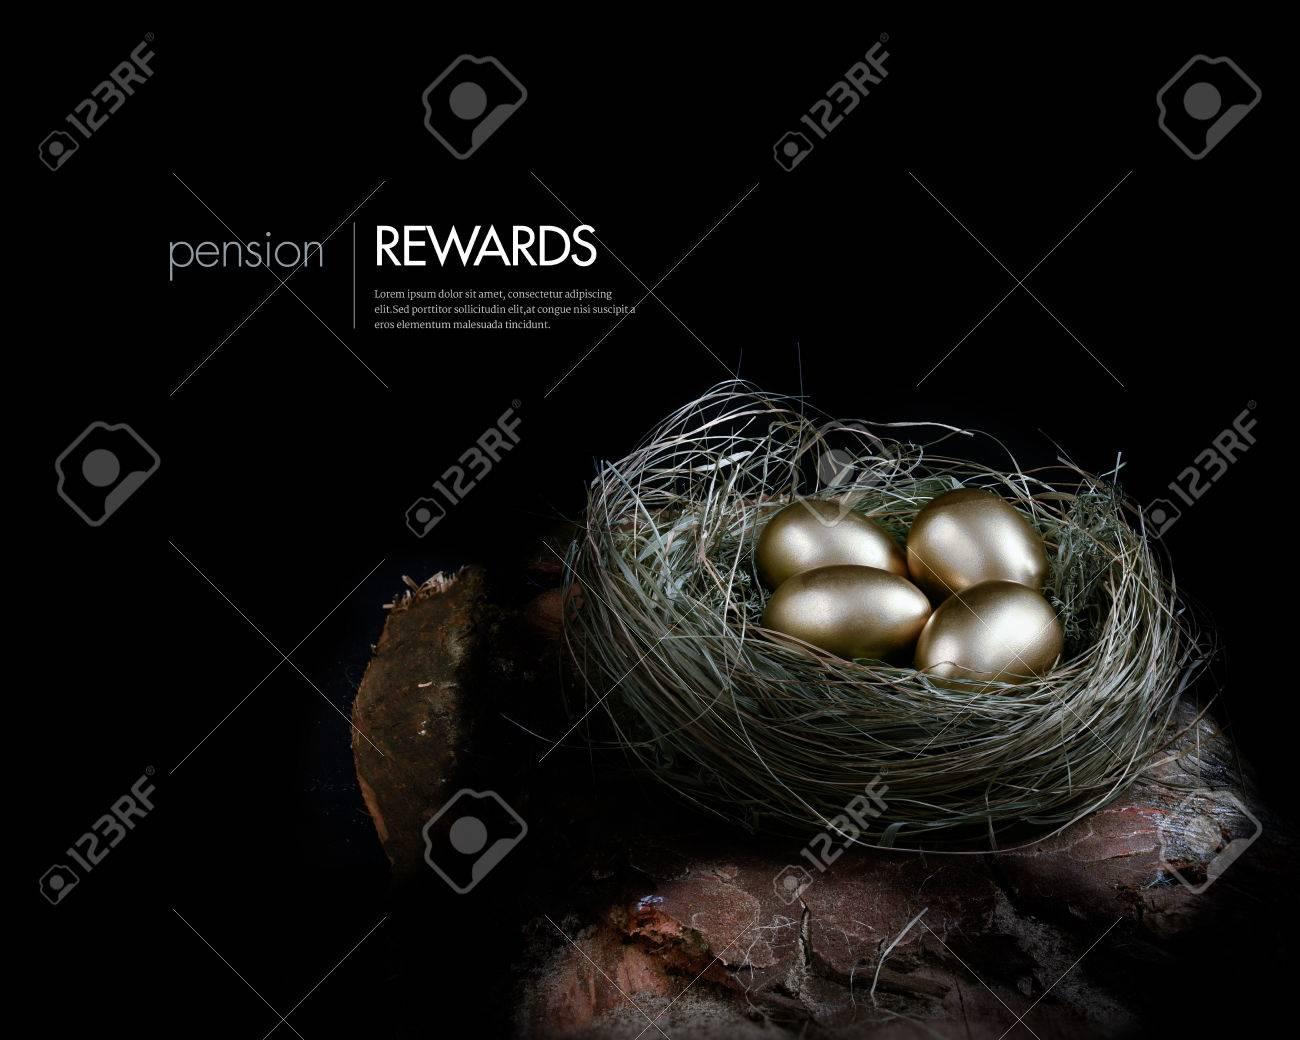 concept afbeelding creatief verlicht voor investeringen pensioenen en financile planning gouden eieren genesteld in een